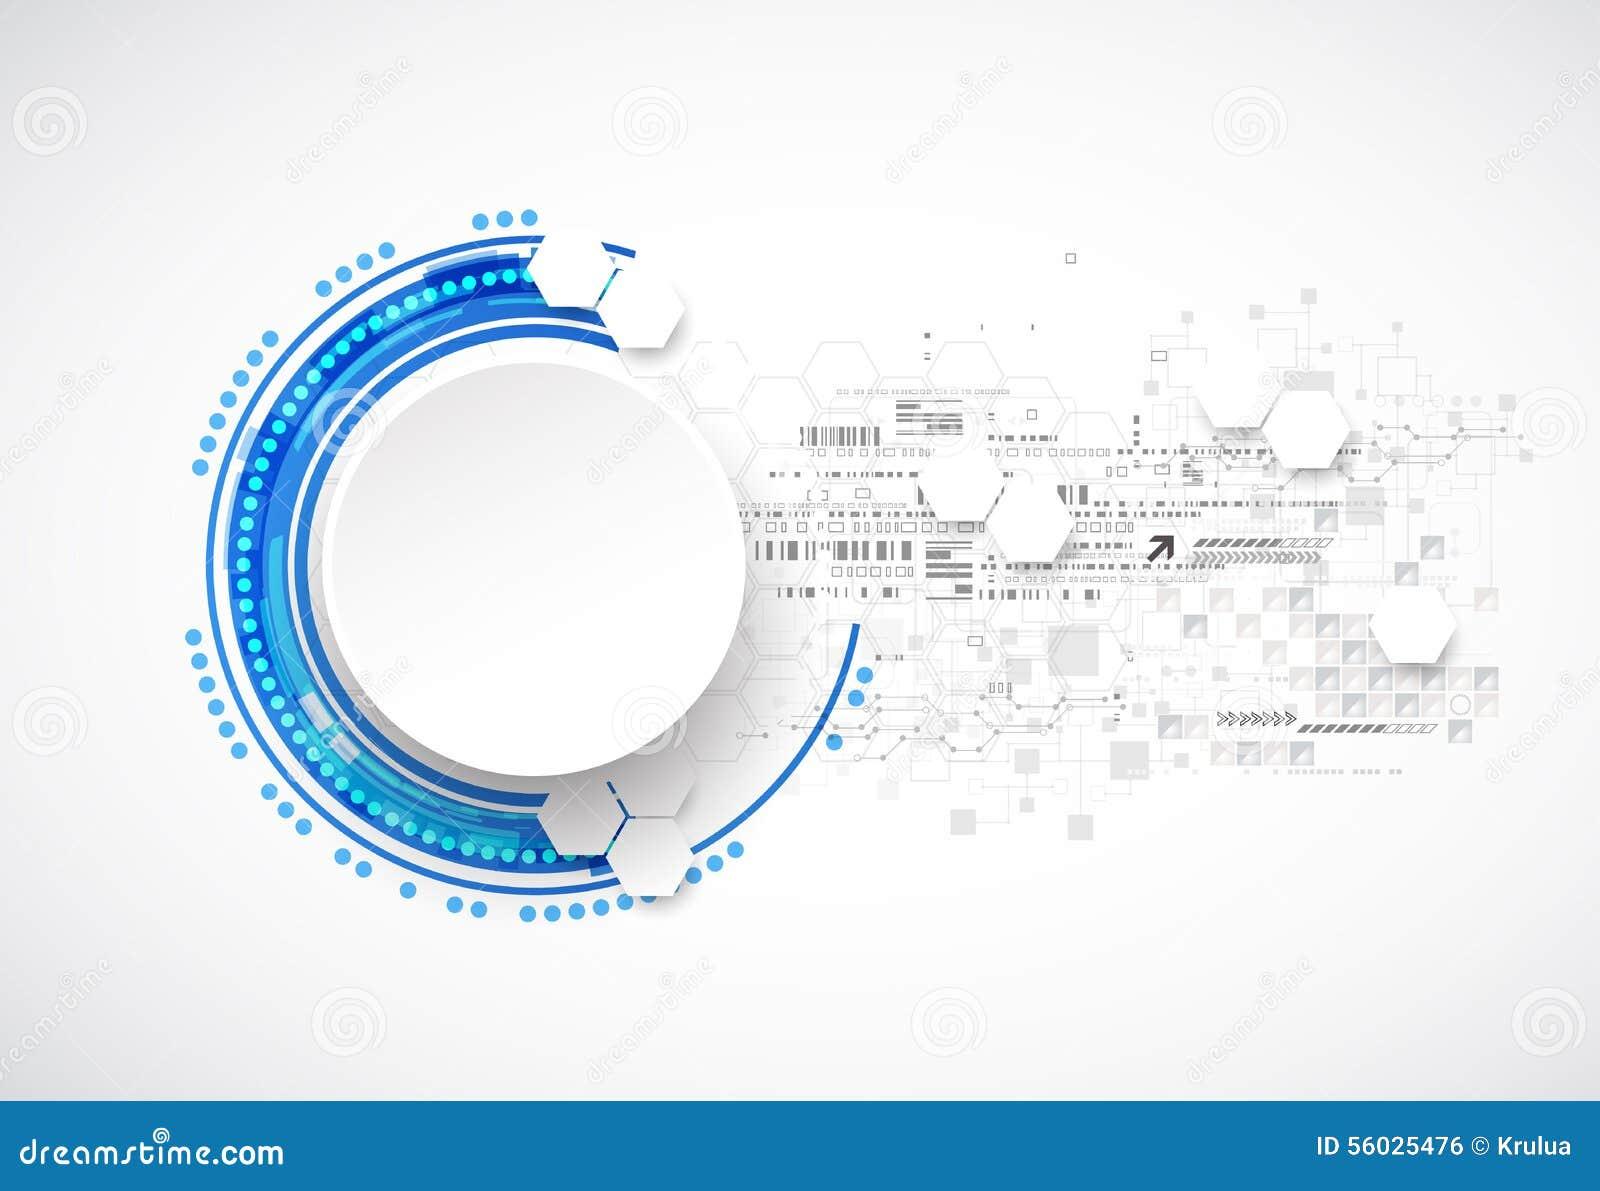 Αφηρημένο μπλε υπόβαθρο επιχειρησιακής επιστήμης ή τεχνολογίας